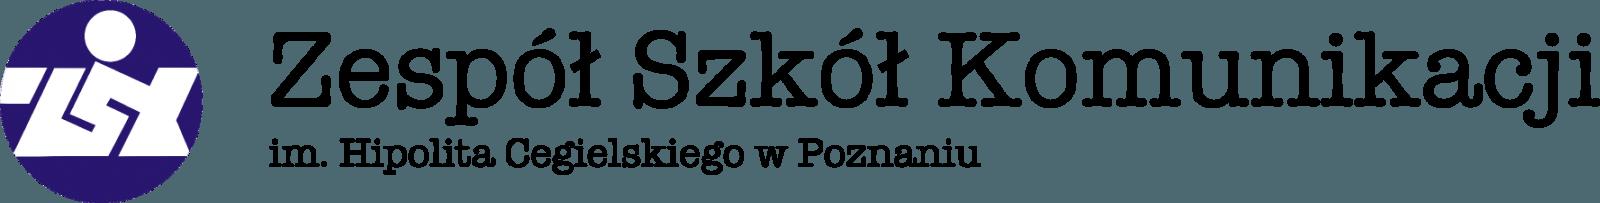 Logo Zespołu Szkół Komunikacji